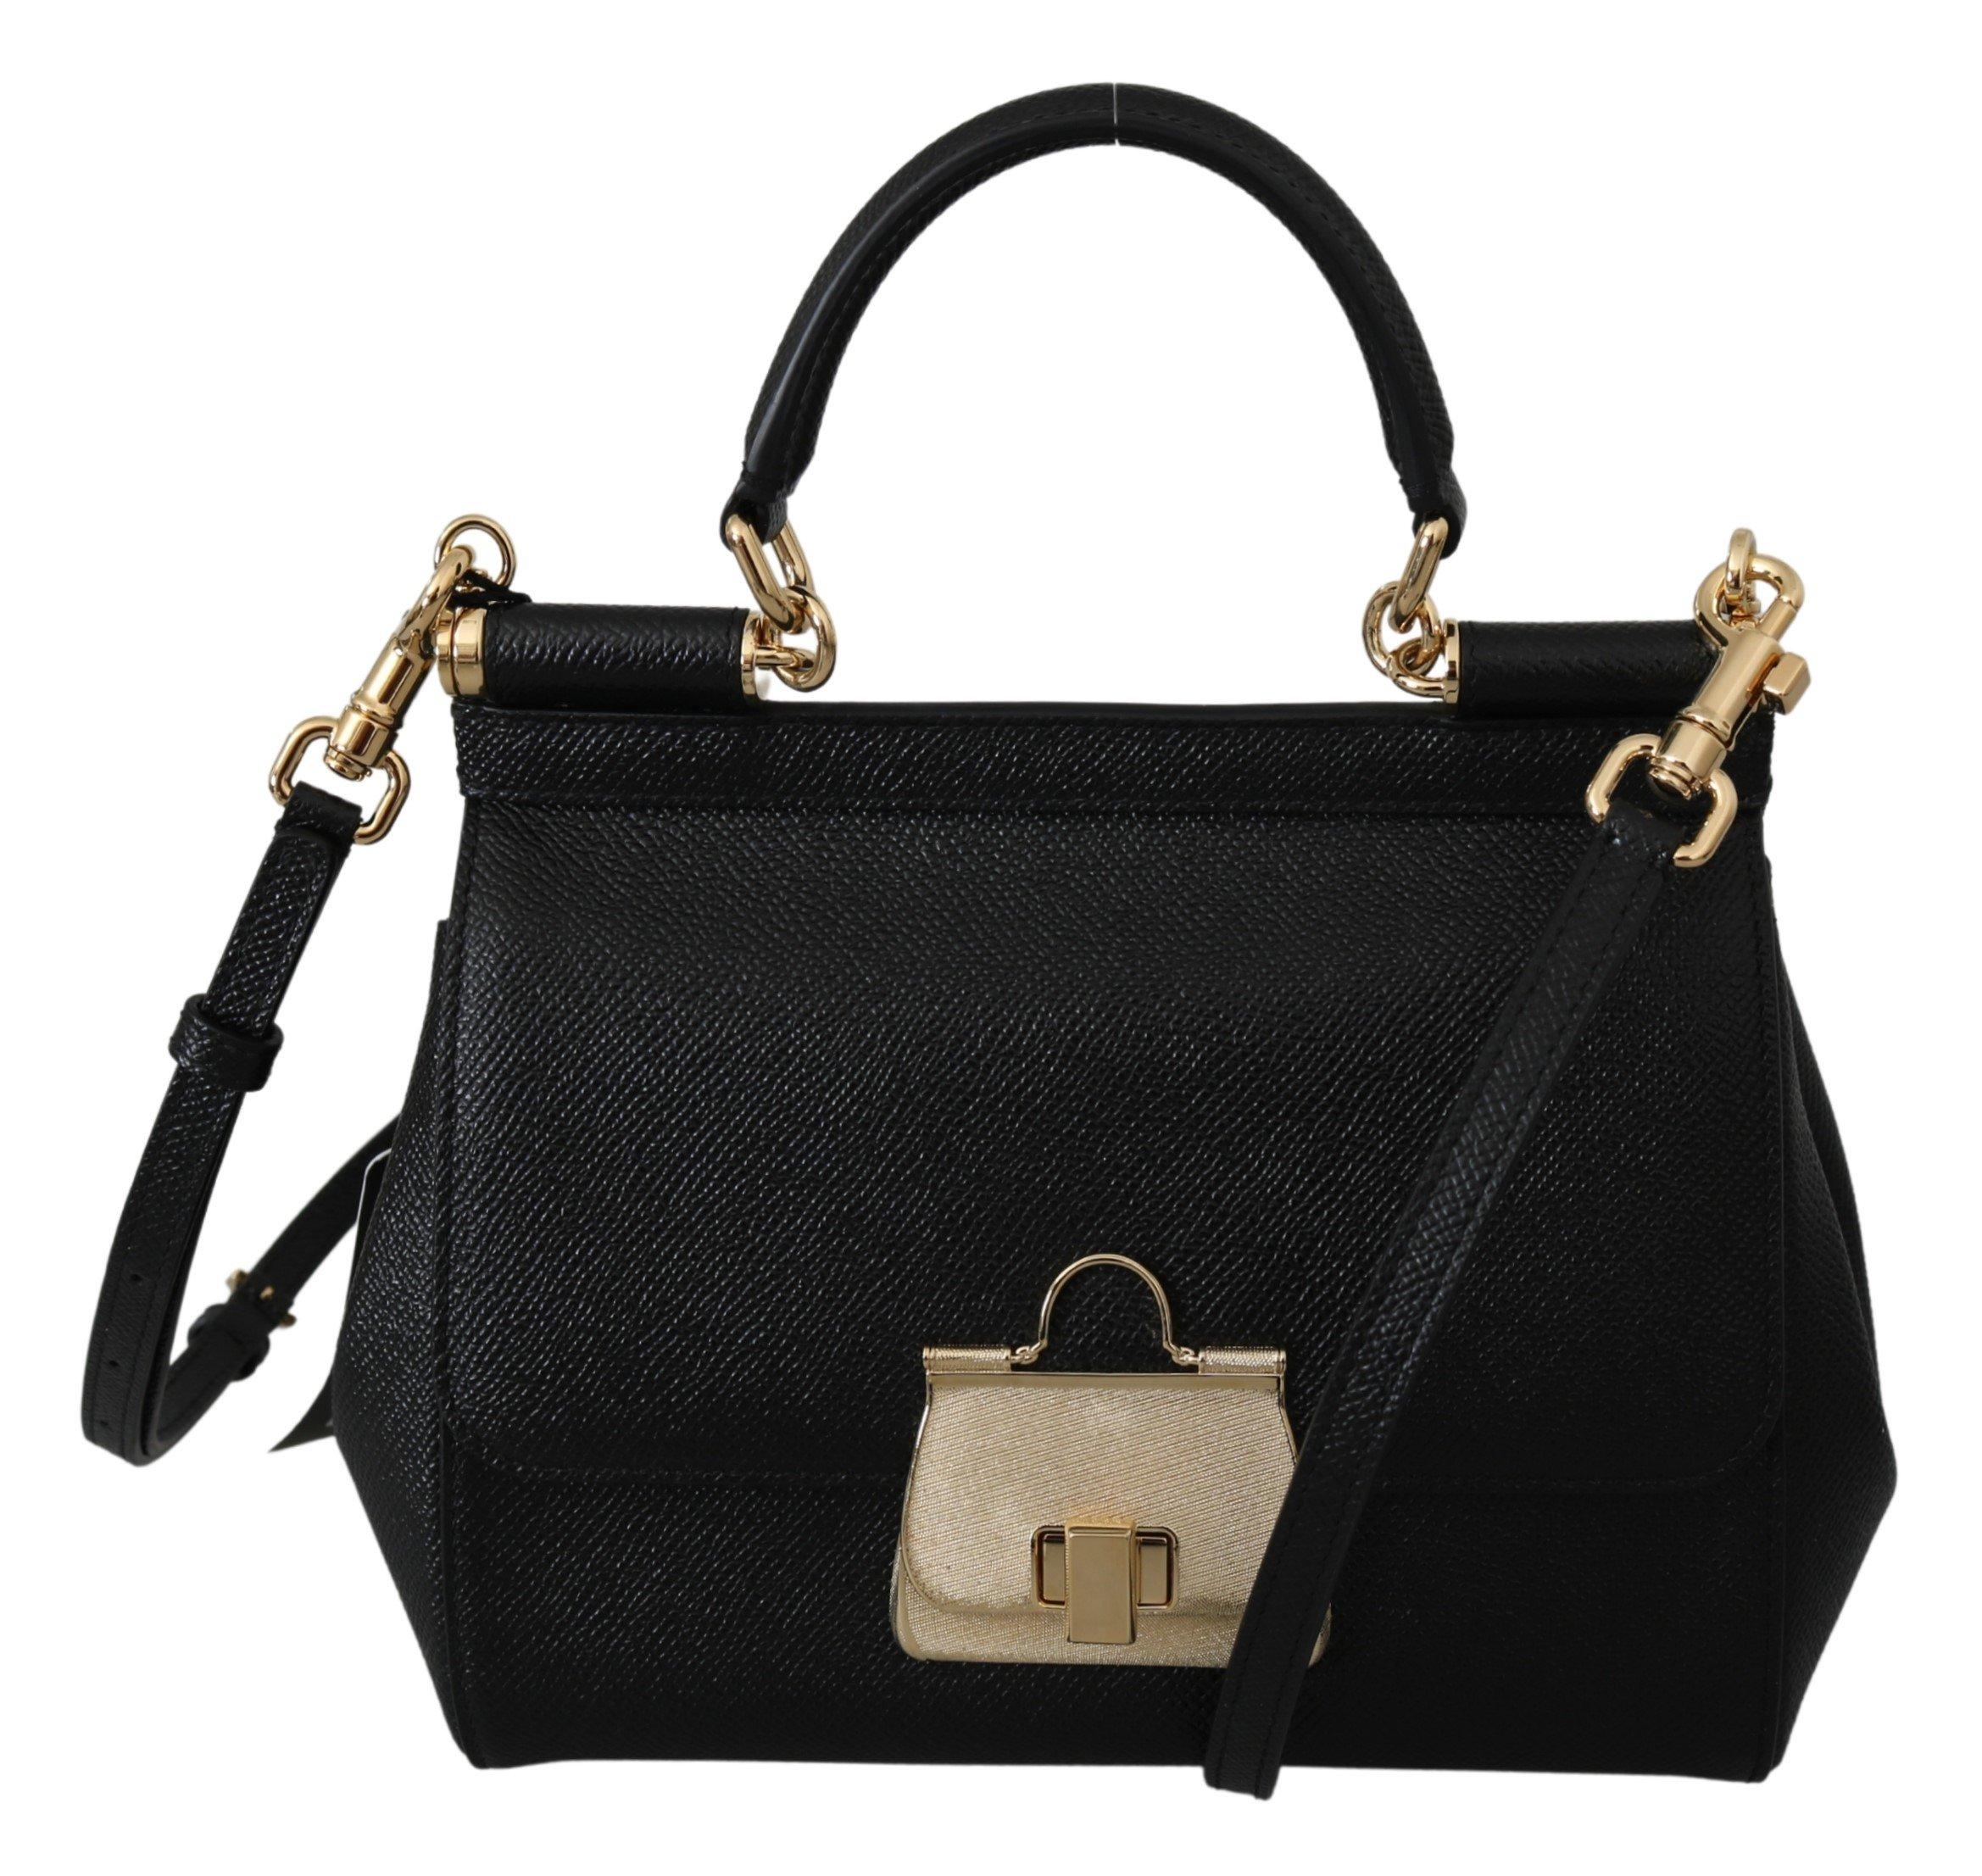 Dolce & Gabbana Women's SICILY Leather Shoulder Bag Black VAS9949